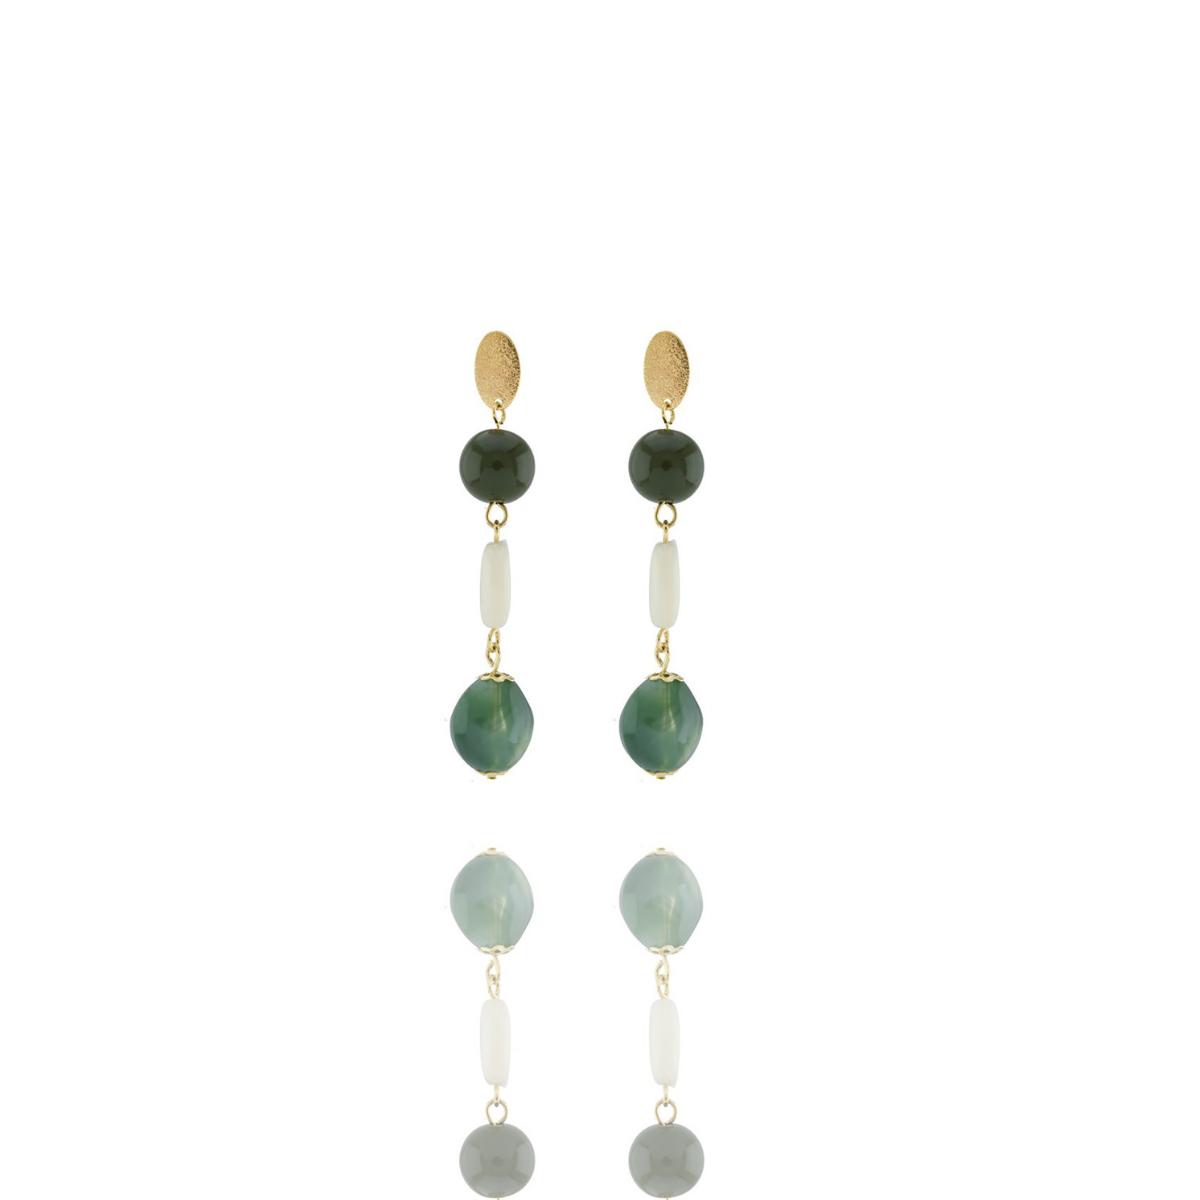 Brinco Barbara Strauss Esperia Em Resina Lalique Colorido,Revestido Em Ouro 18K